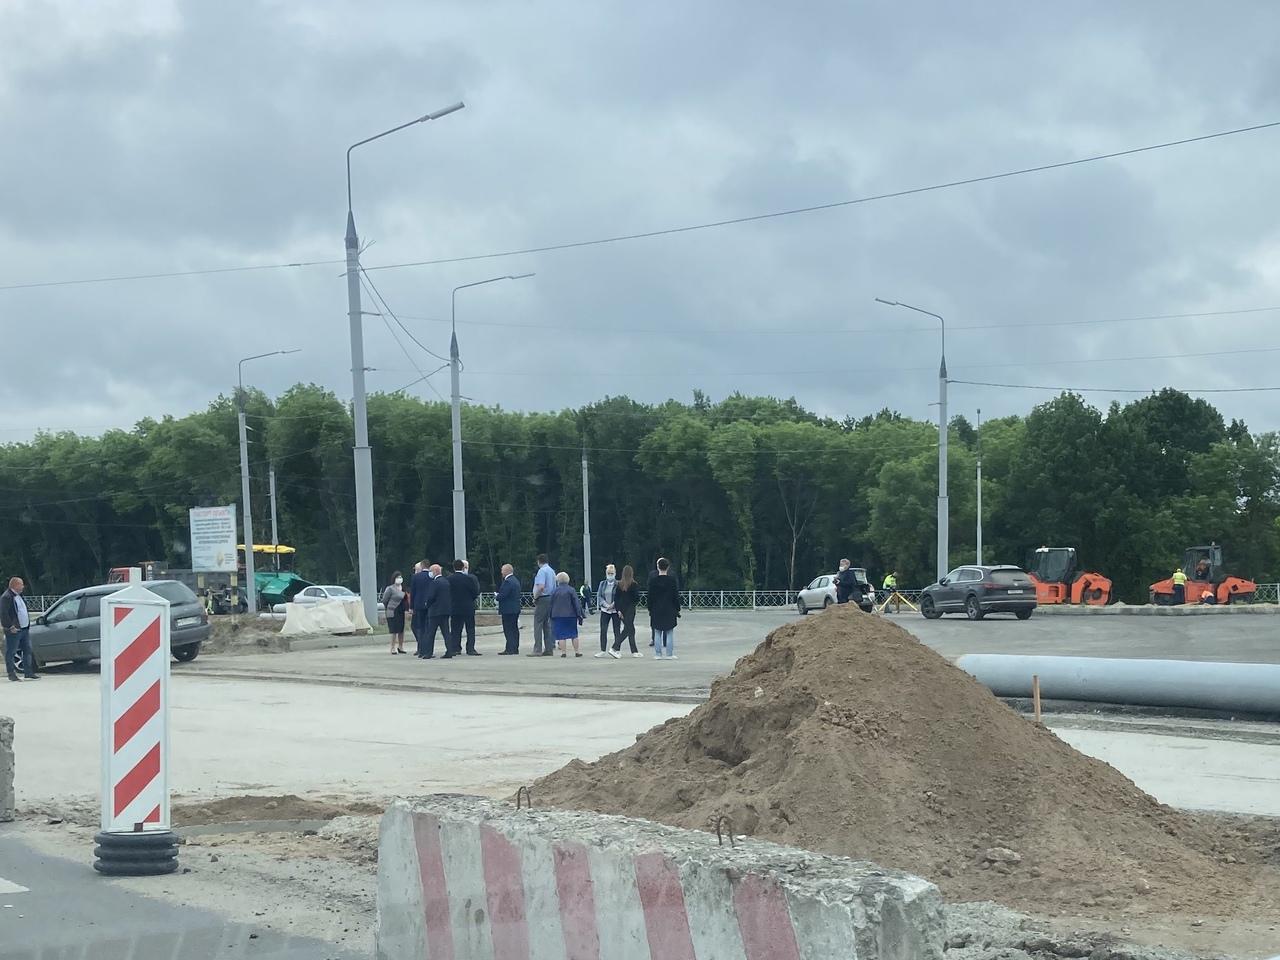 В Брянске из-за строительства кольца на Московском проспекте с 16 июня закроют три полосы